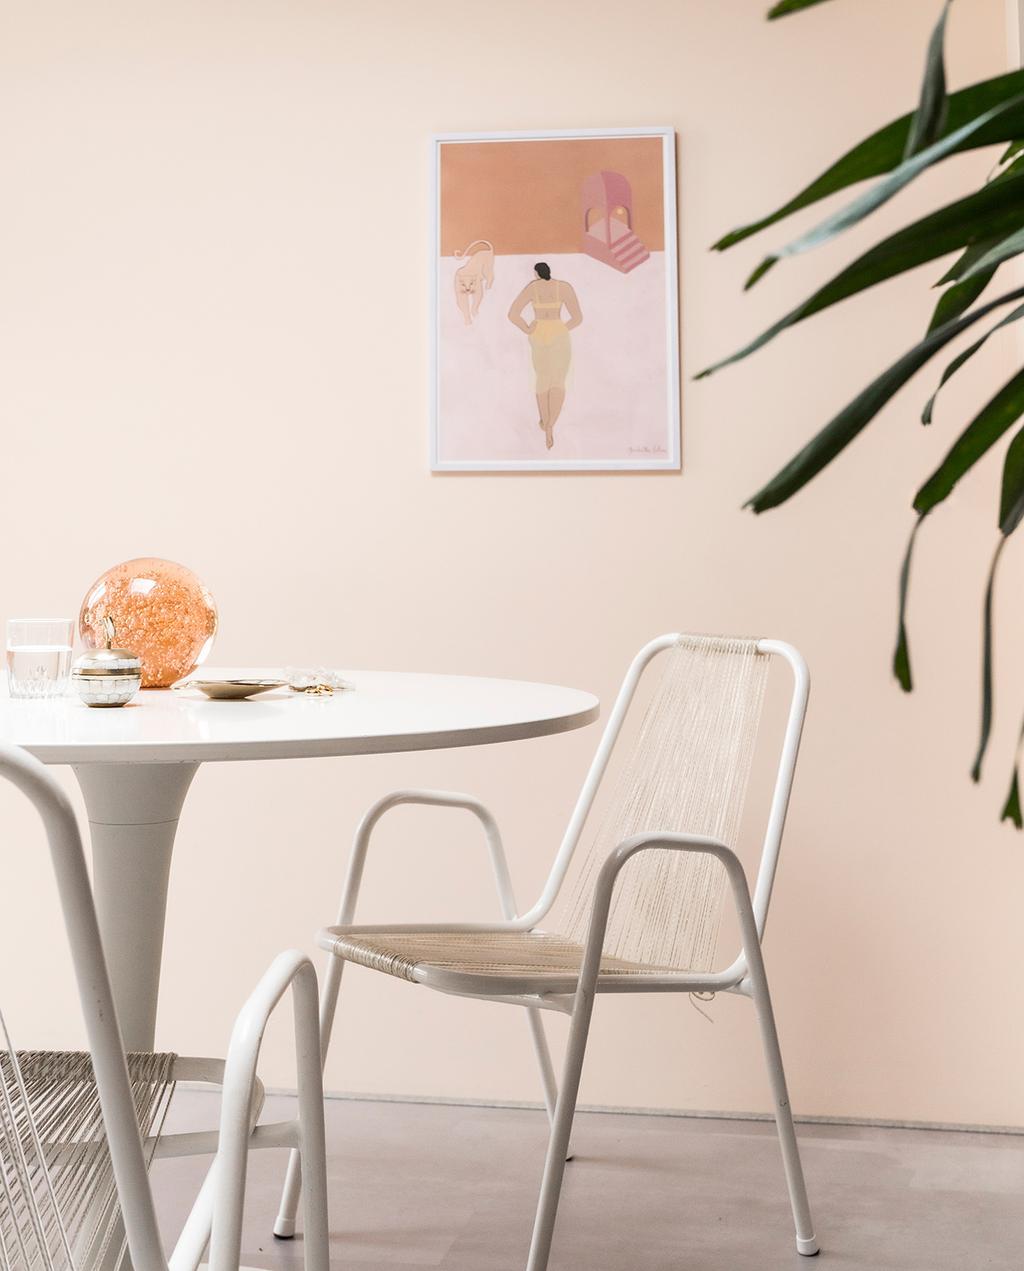 vtwonen special tiny houses 03-2021 | ronde tafel met witte draadstoelen en een poster op de muur